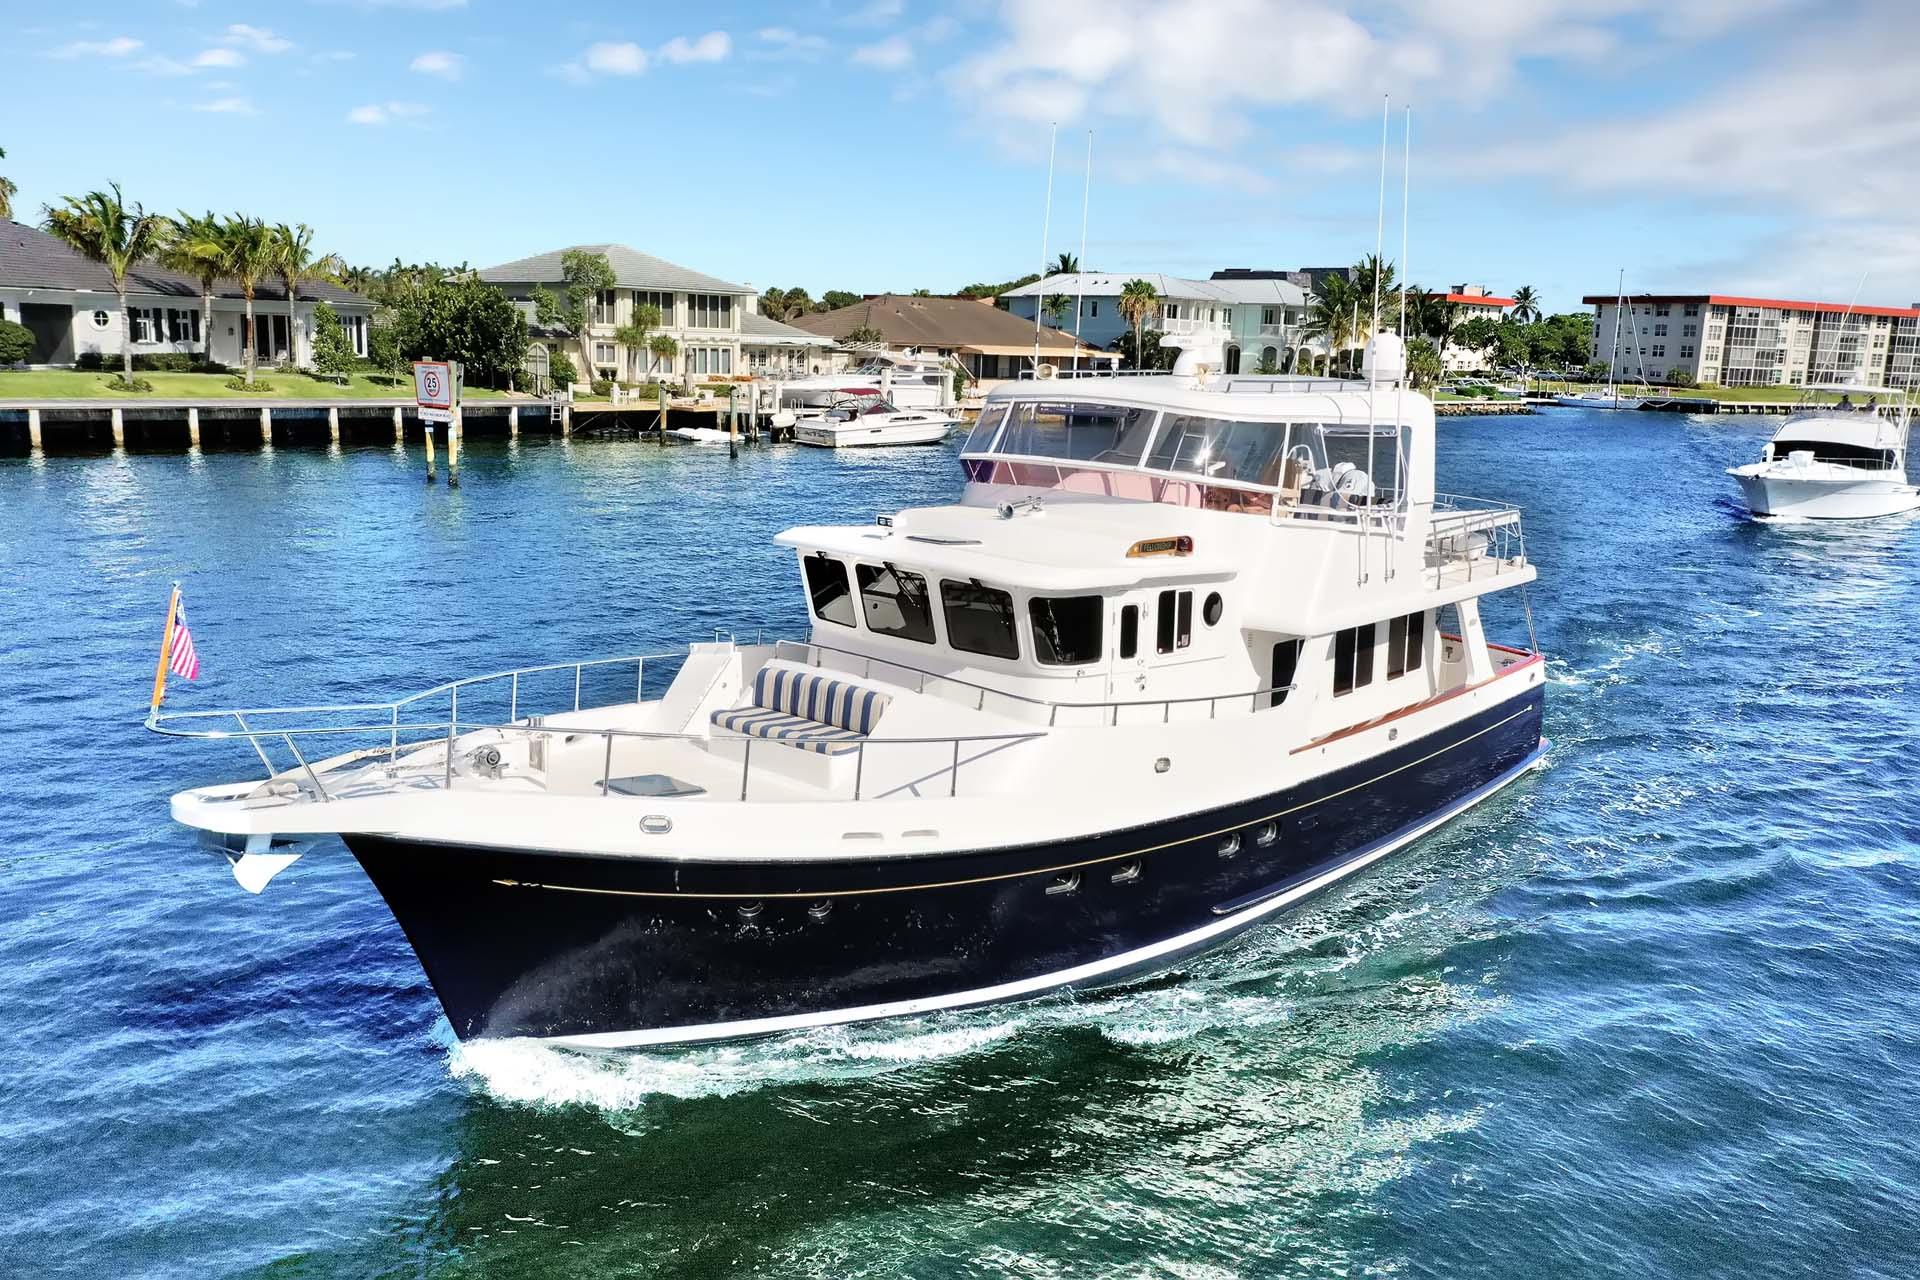 2007-53-Selene-trawler-Fellowship-for-sale-1